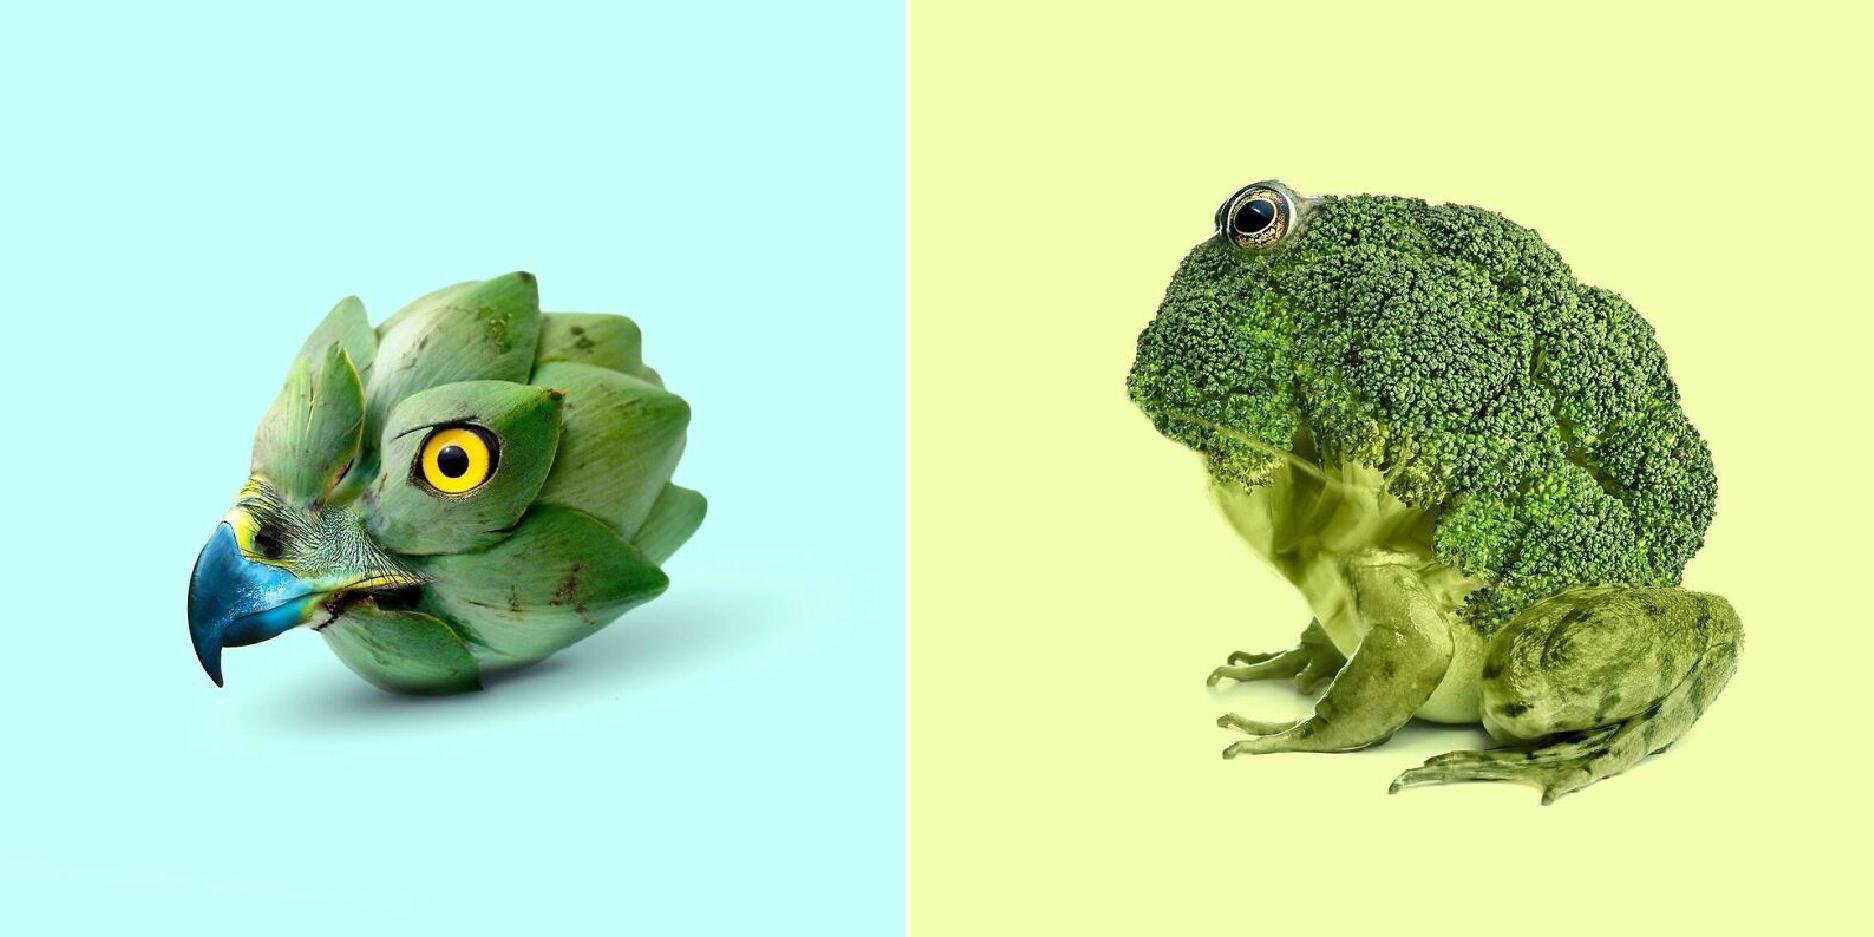 Ejemplos de fotos manipuladas para inspirarte en tus proximos diseños